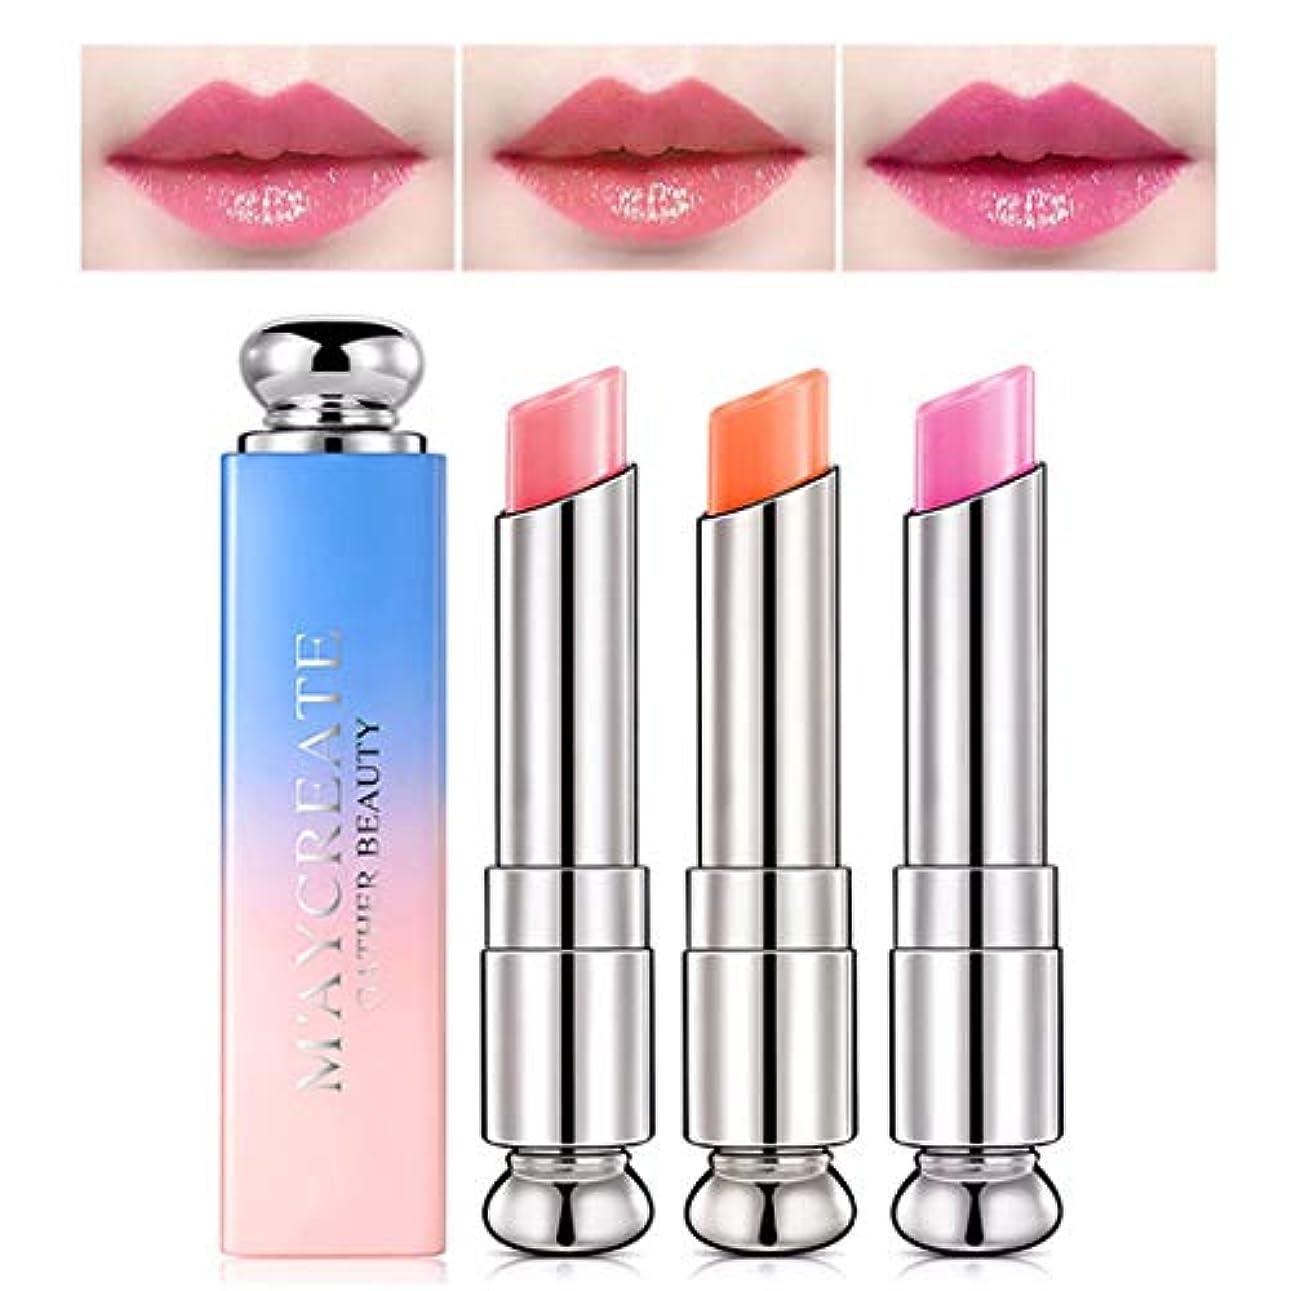 フィールドバースも1ピース色変化温度口紅、長続きがする保湿唇ケア変色口紅リップペンシルリップグロス (2)